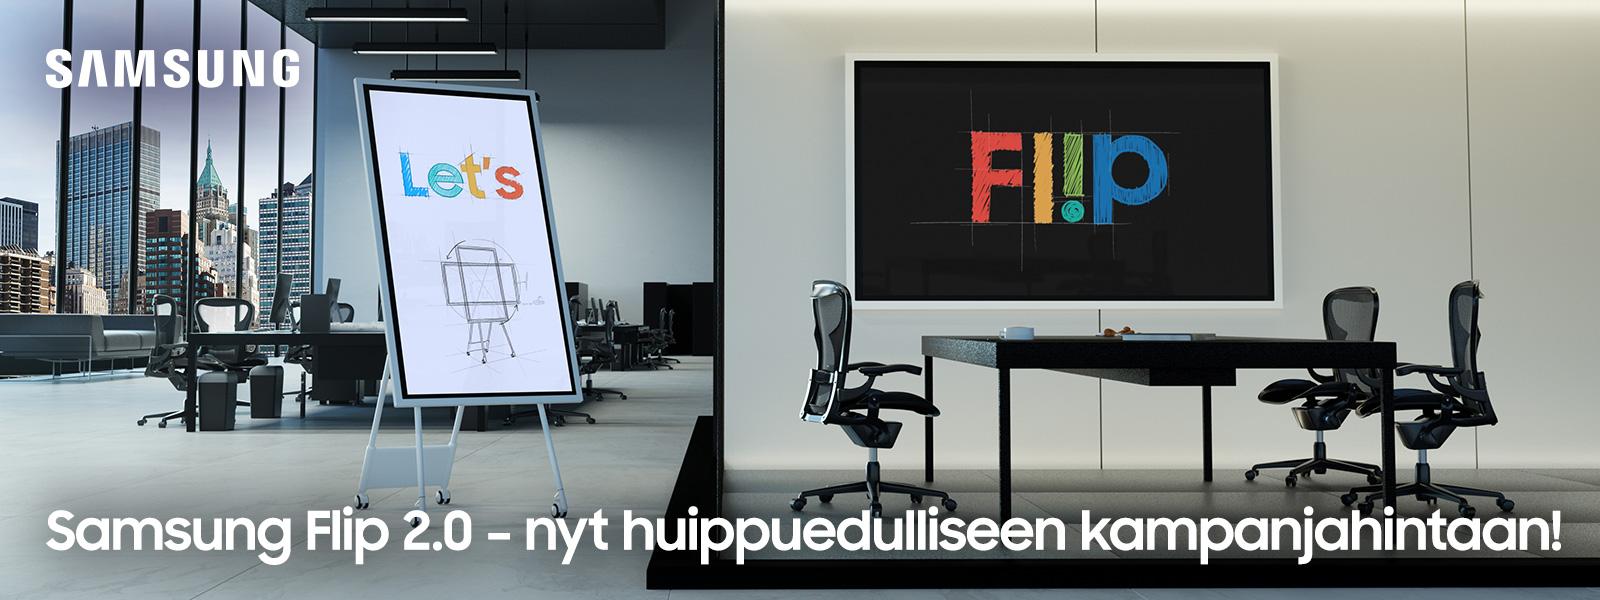 samsung_flip-2102_header